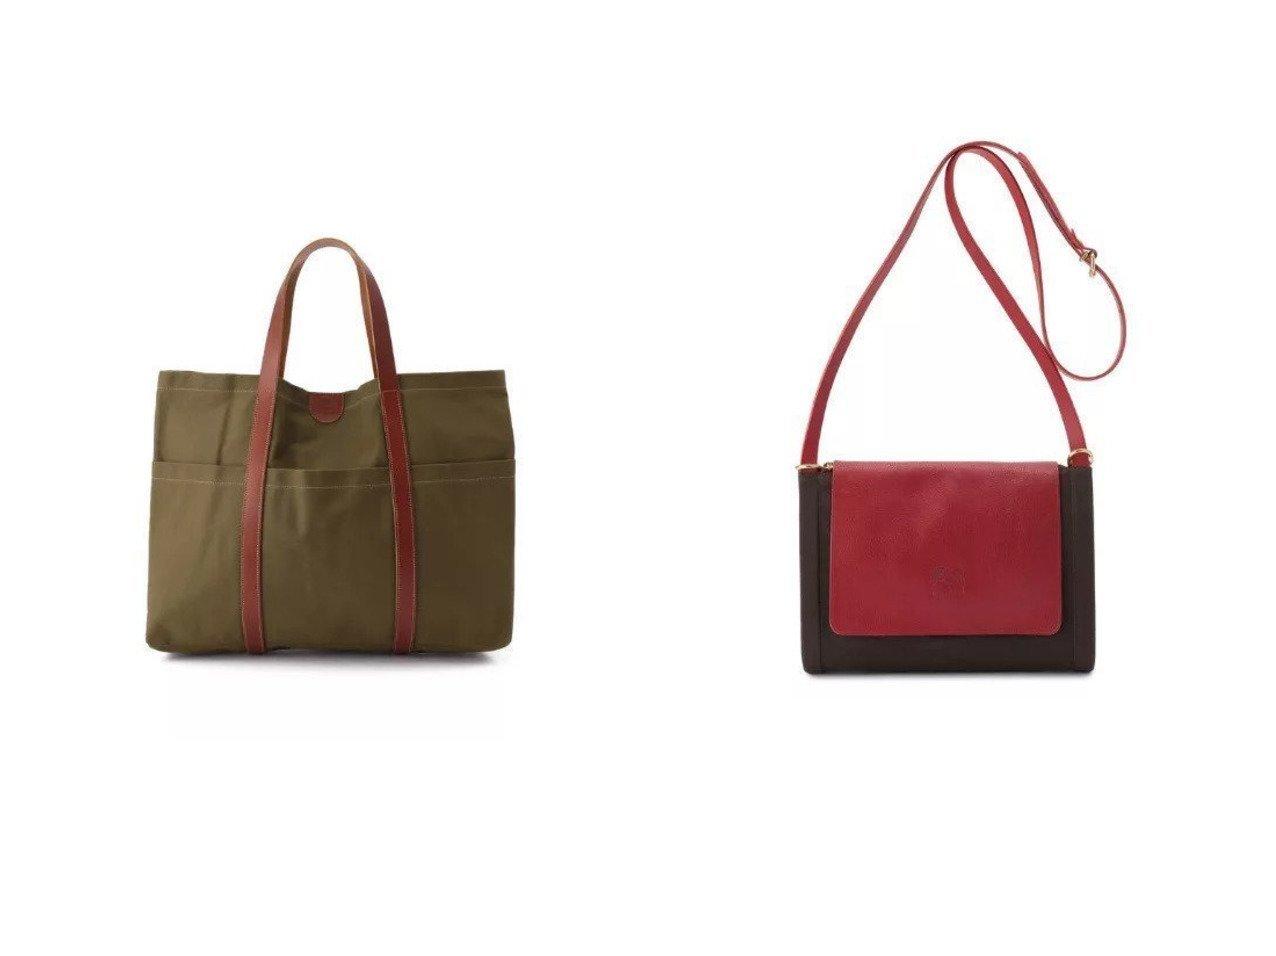 【IL BISONTE/イル ビゾンテ】のトートバッグ&クロスボディバッグ バッグ・鞄のおすすめ!人気、トレンド・レディースファッションの通販  おすすめで人気の流行・トレンド、ファッションの通販商品 メンズファッション・キッズファッション・インテリア・家具・レディースファッション・服の通販 founy(ファニー) https://founy.com/ ファッション Fashion レディースファッション WOMEN バッグ Bag キャンバス パッチ ポケット ジップ スクエア フォルム フラップ 定番 |ID:crp329100000009106